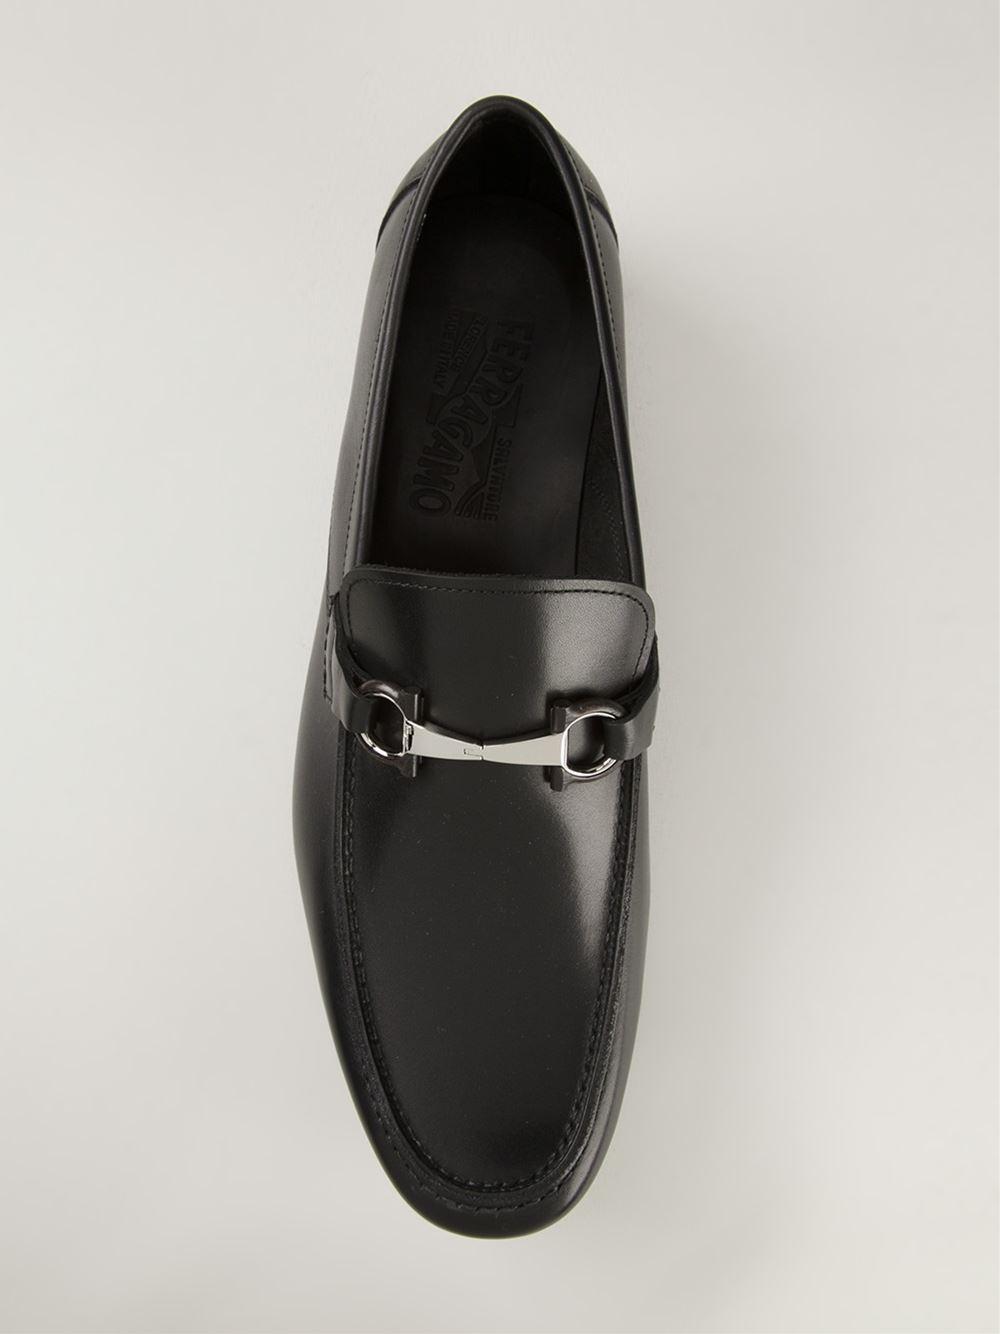 c0d63d9305556 Ferragamo 'Nepal' Loafers in Black for Men - Lyst